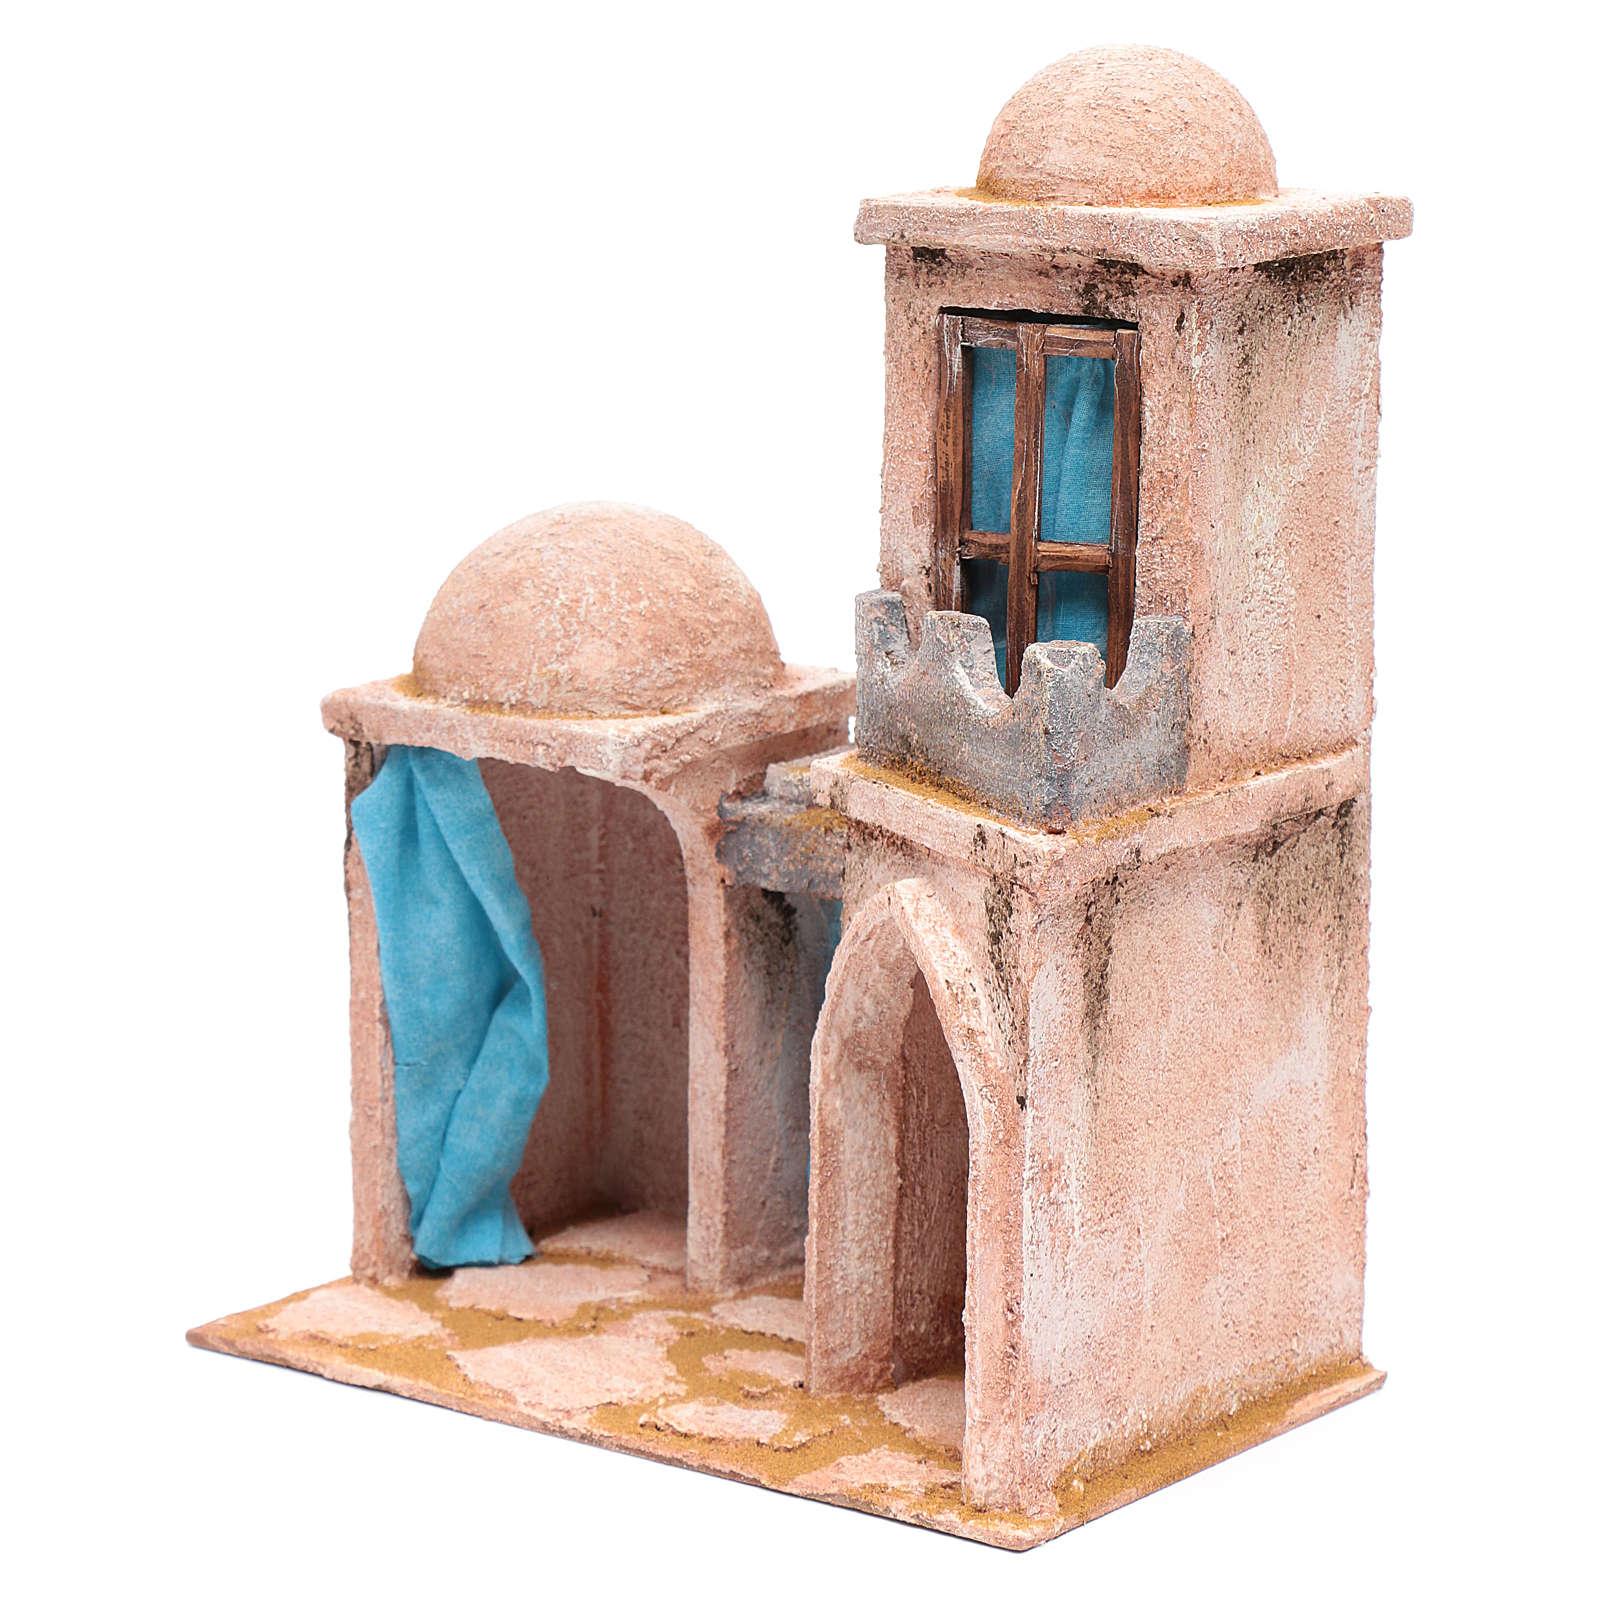 Casita de estilo árabe con balcón 30x25x15 cm 4